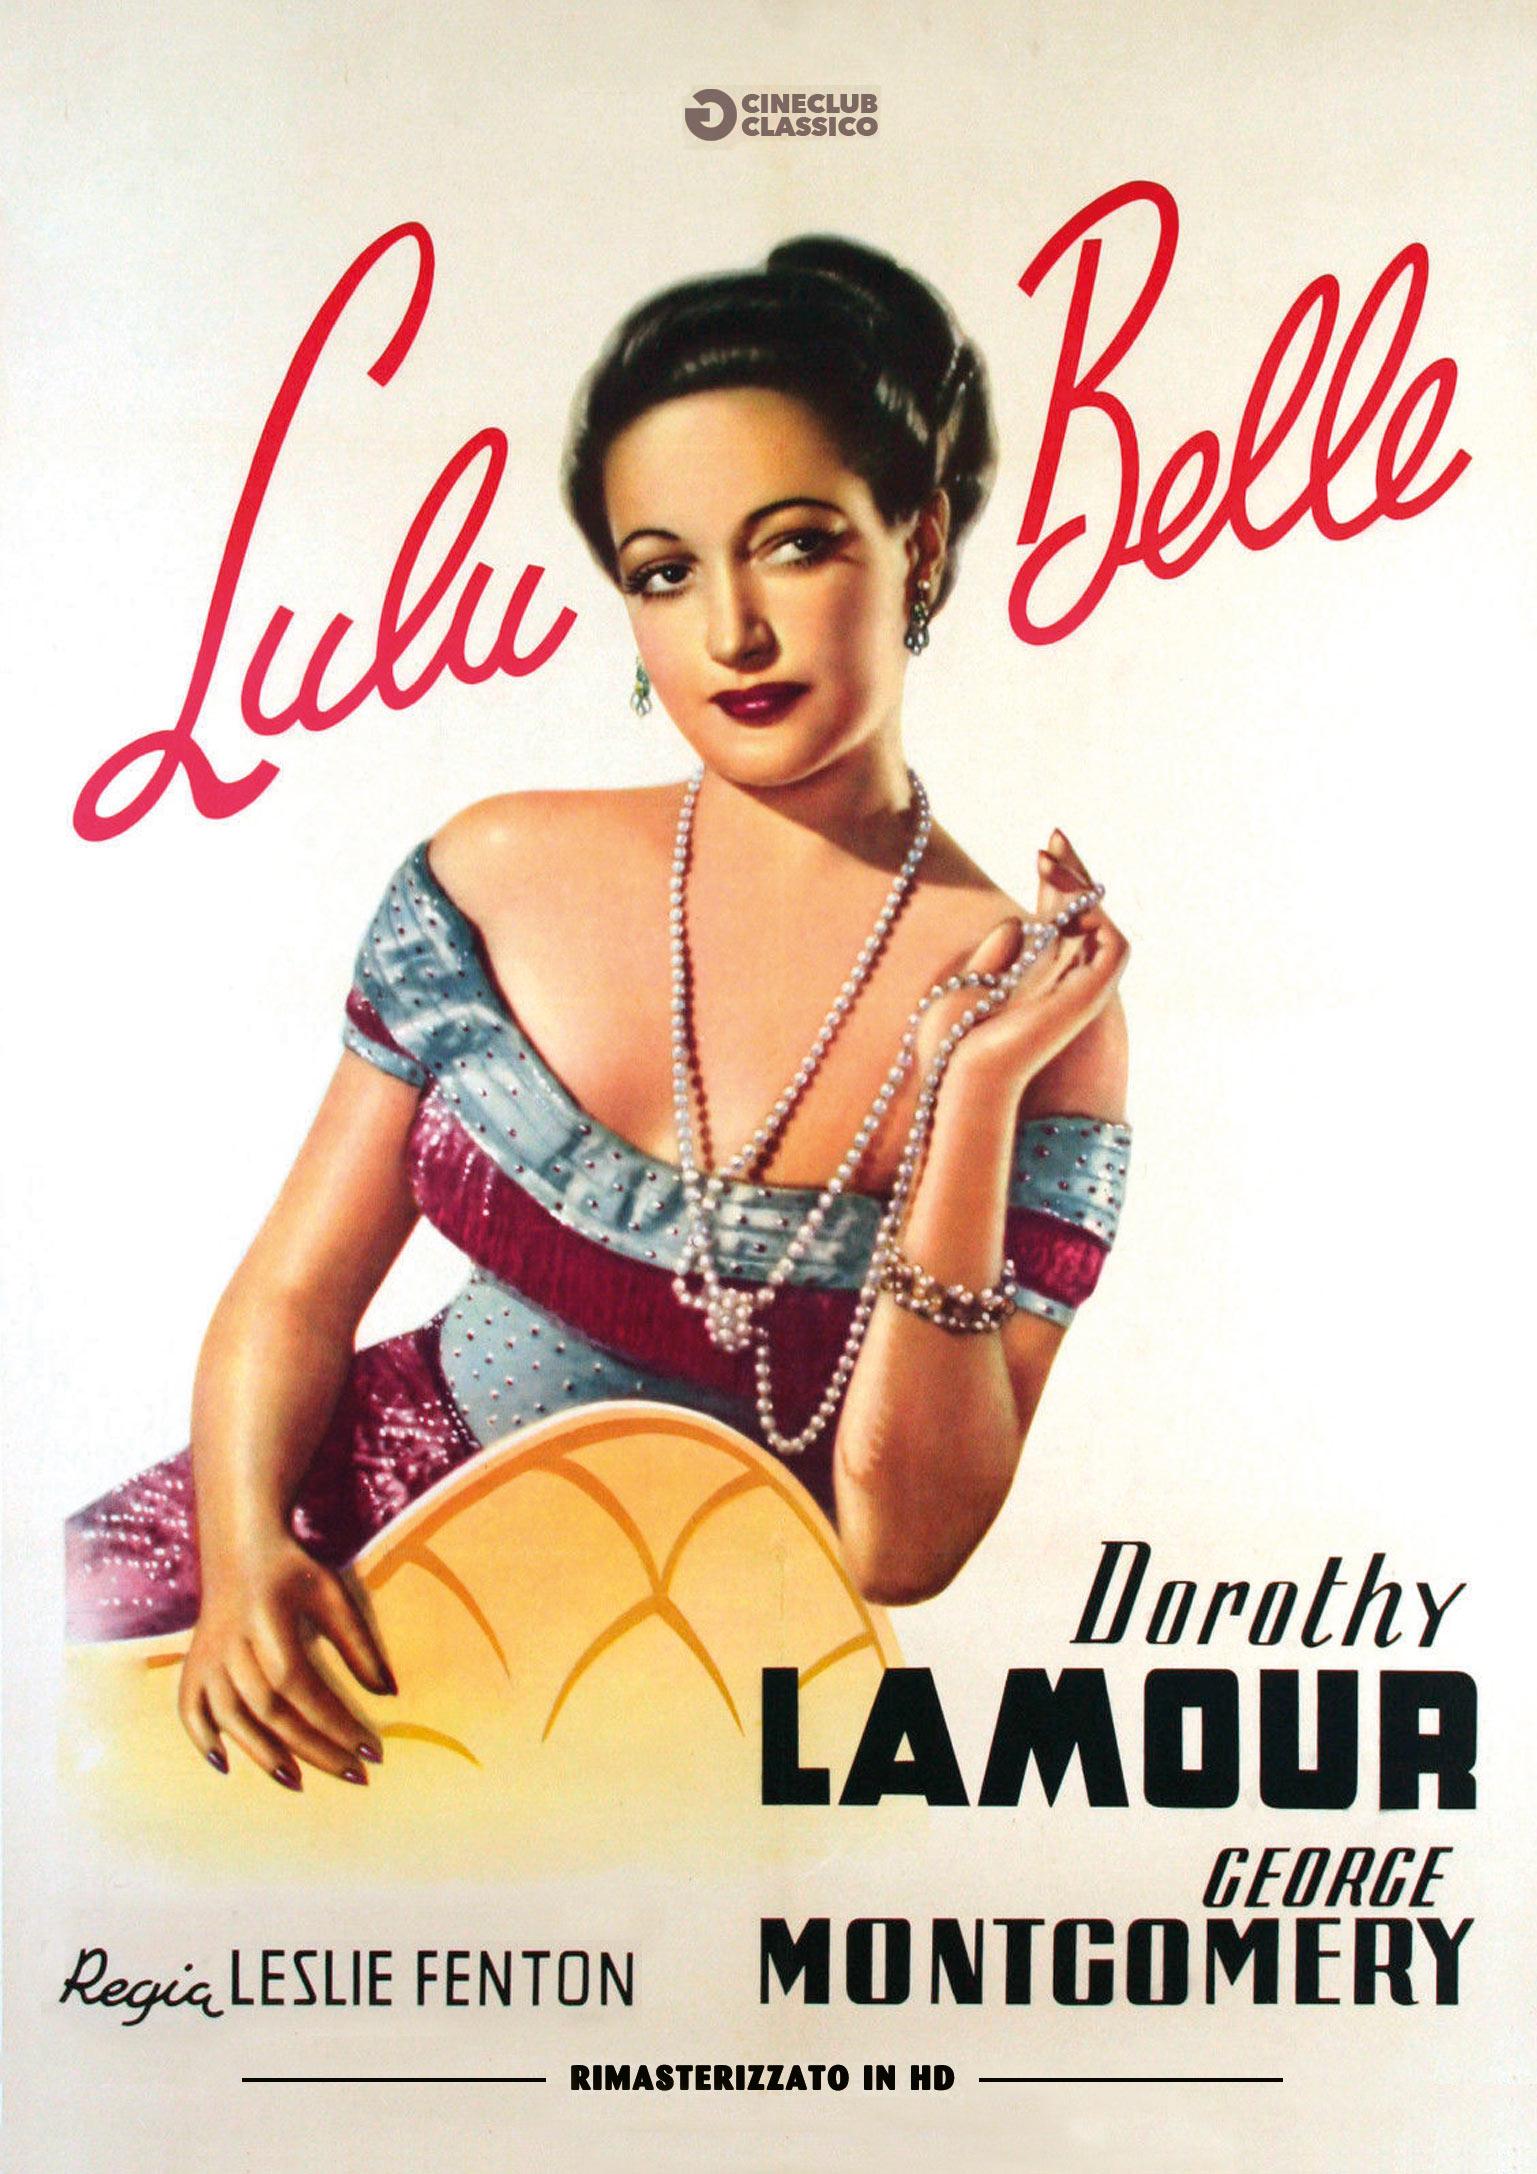 LULU' BELLE (RIMASTERIZZATO IN HD) (DVD)